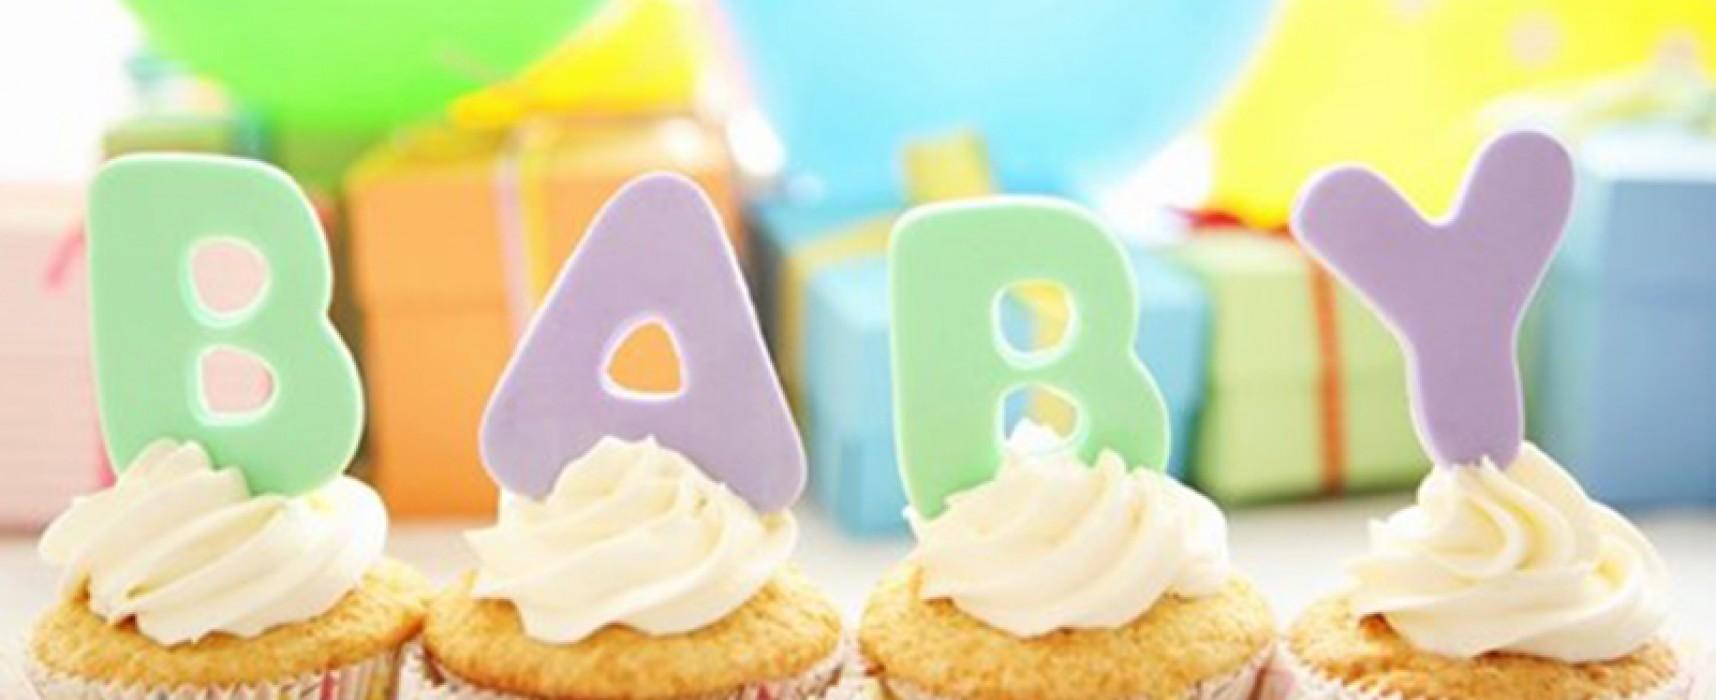 3 Key Tips for Sending Better Baby Shower Invitations